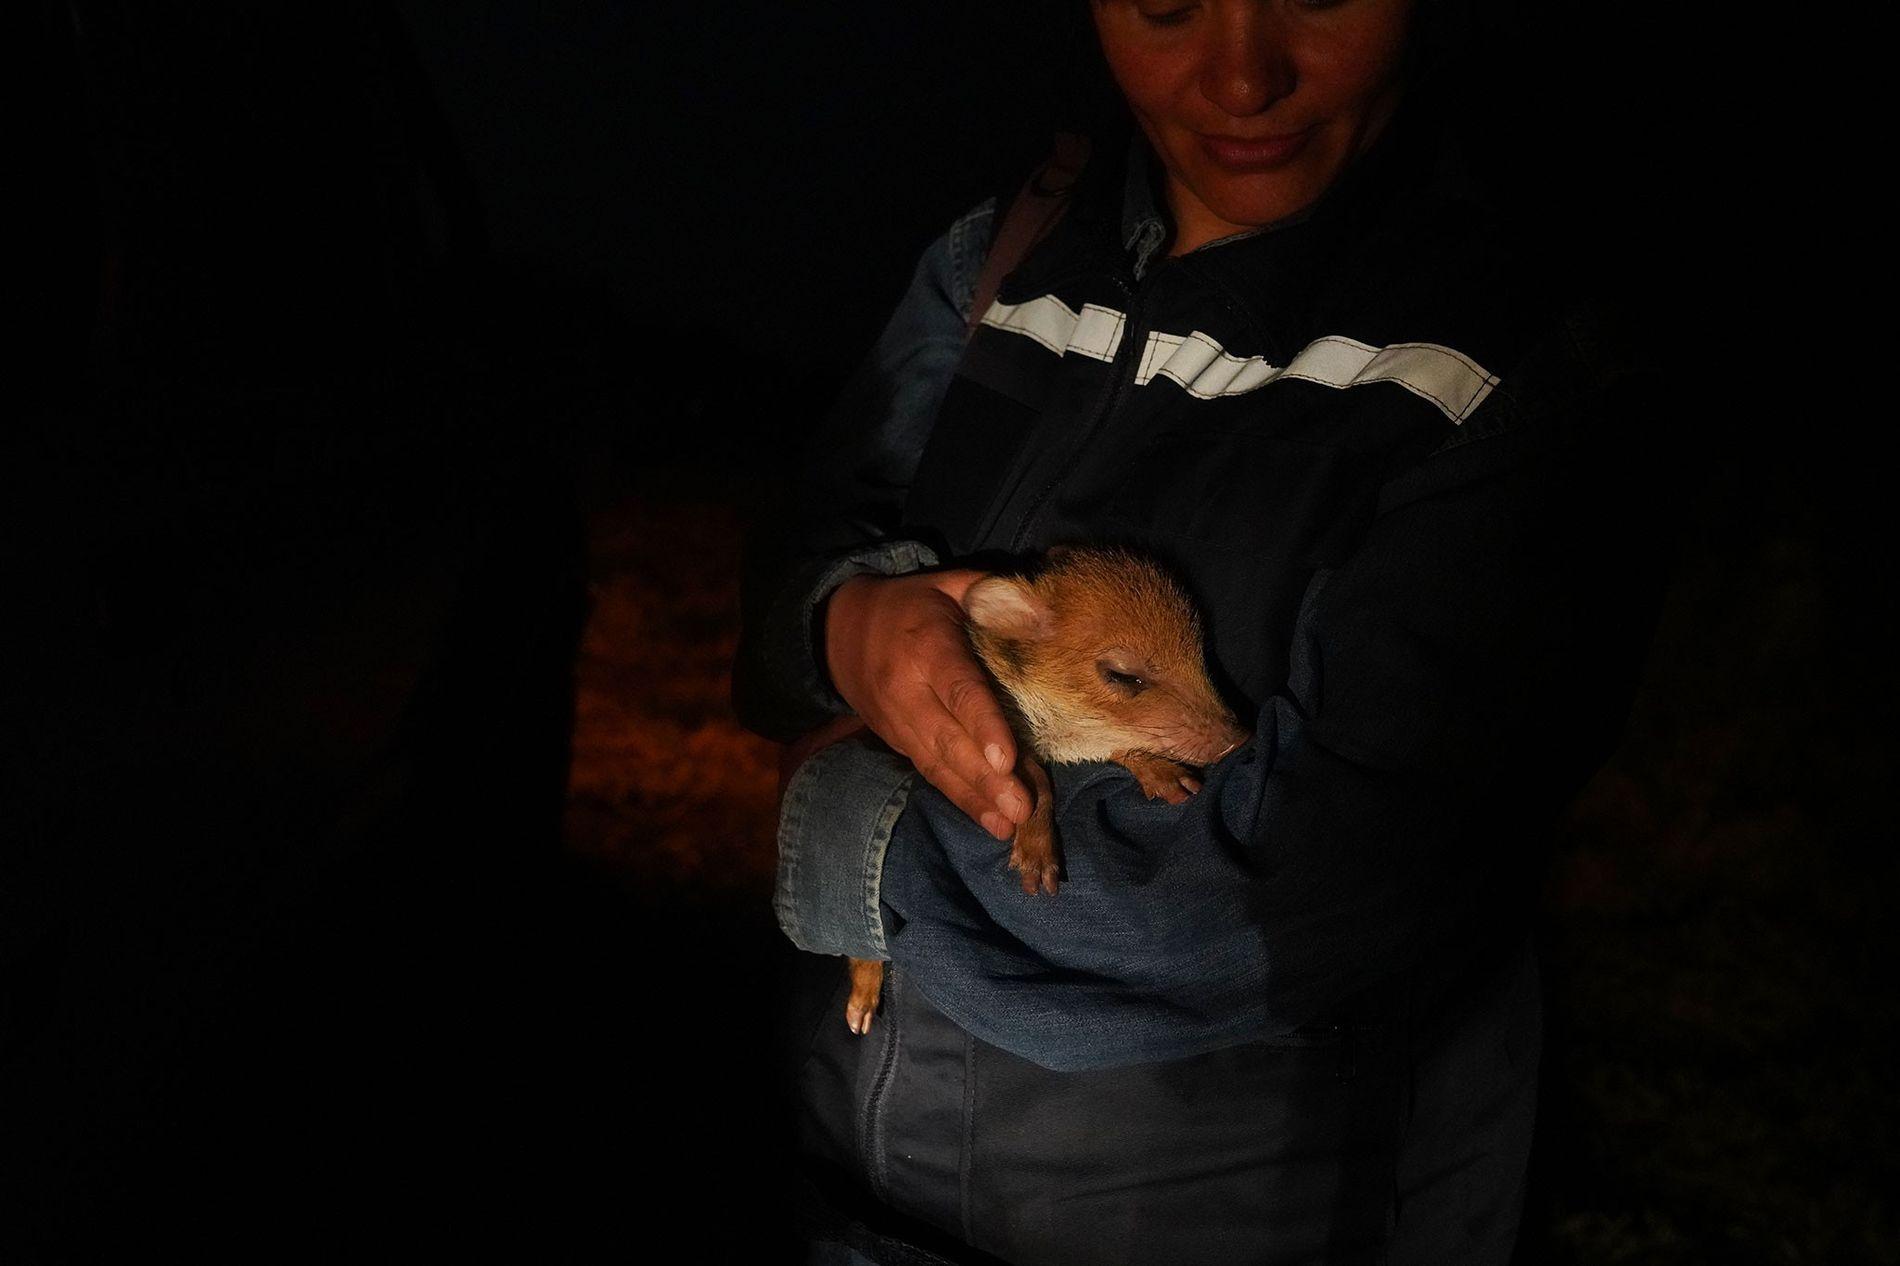 Die Tierärztin Fabiola Suárez hält im Rettungszentrum in Aguas Calientes ein verwaistes Pekariferkel auf dem Arm. ...